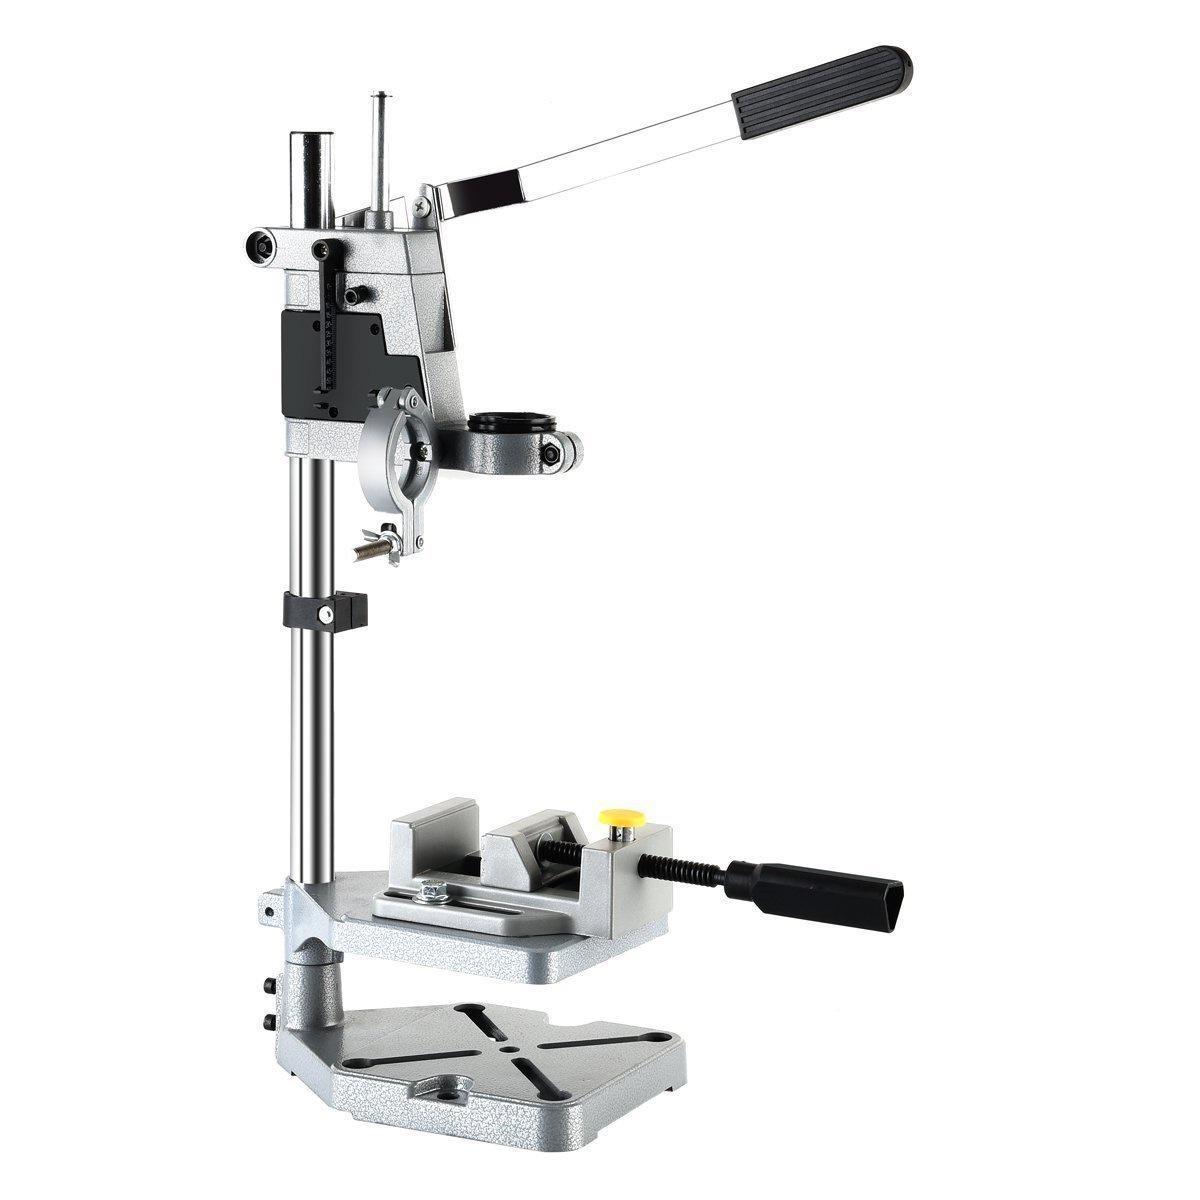 TZ-6102 - Chân đế máy khoan bàn dùng cho máy khoan  cầm tay  có ê tô đi kèm